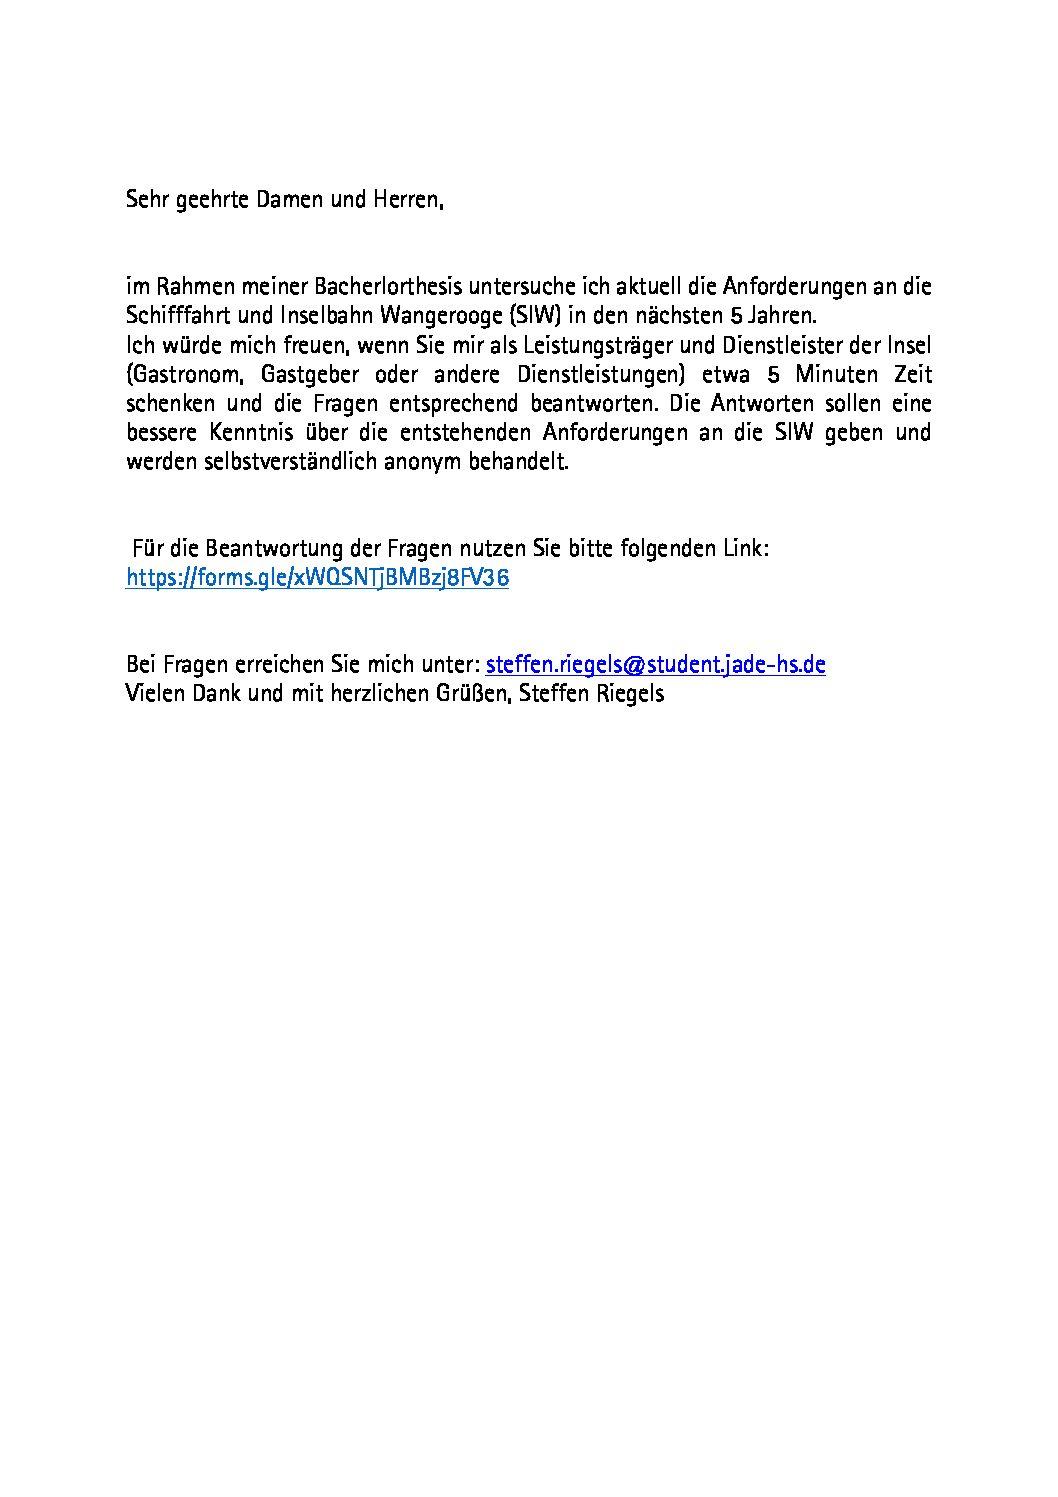 Umfrage Bachelorthesis DB/SIW von Stefen Riegels